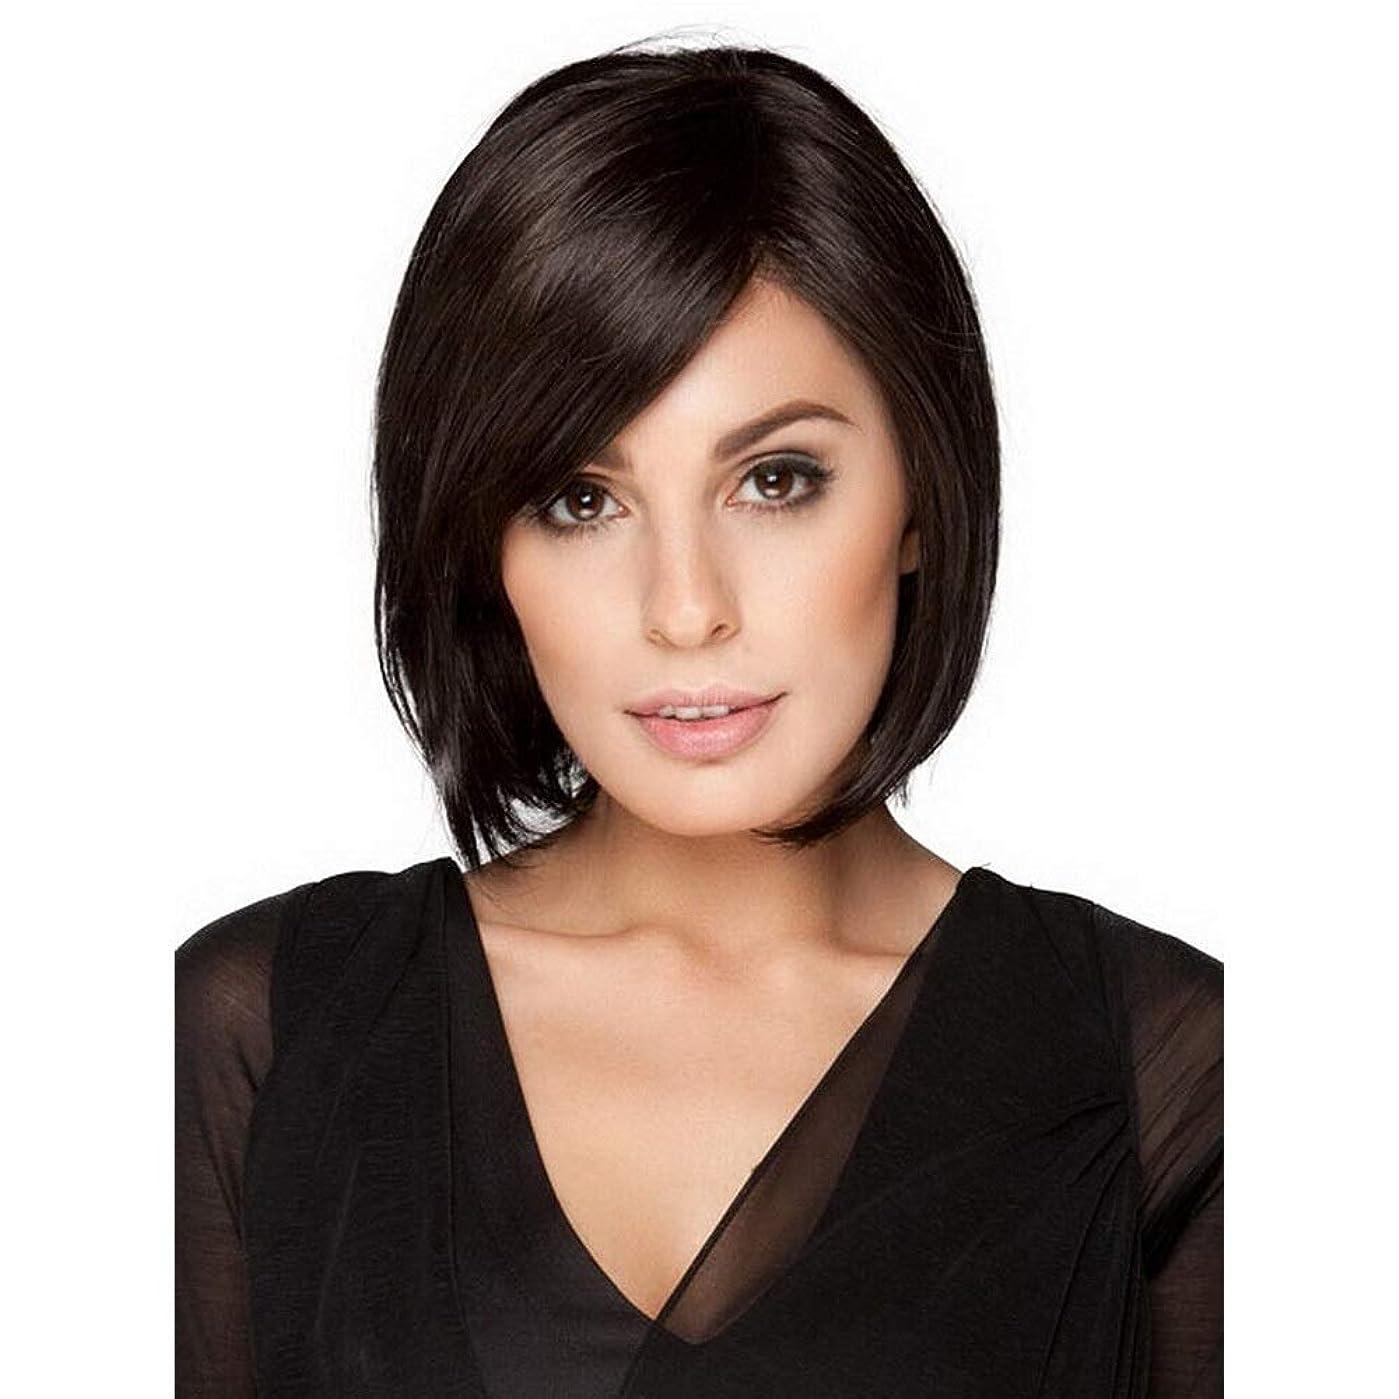 悪いデモンストレーション研磨WASAIO 女性の短いストレートウィッグ黒合成ボブ髪かつら (色 : 黒)